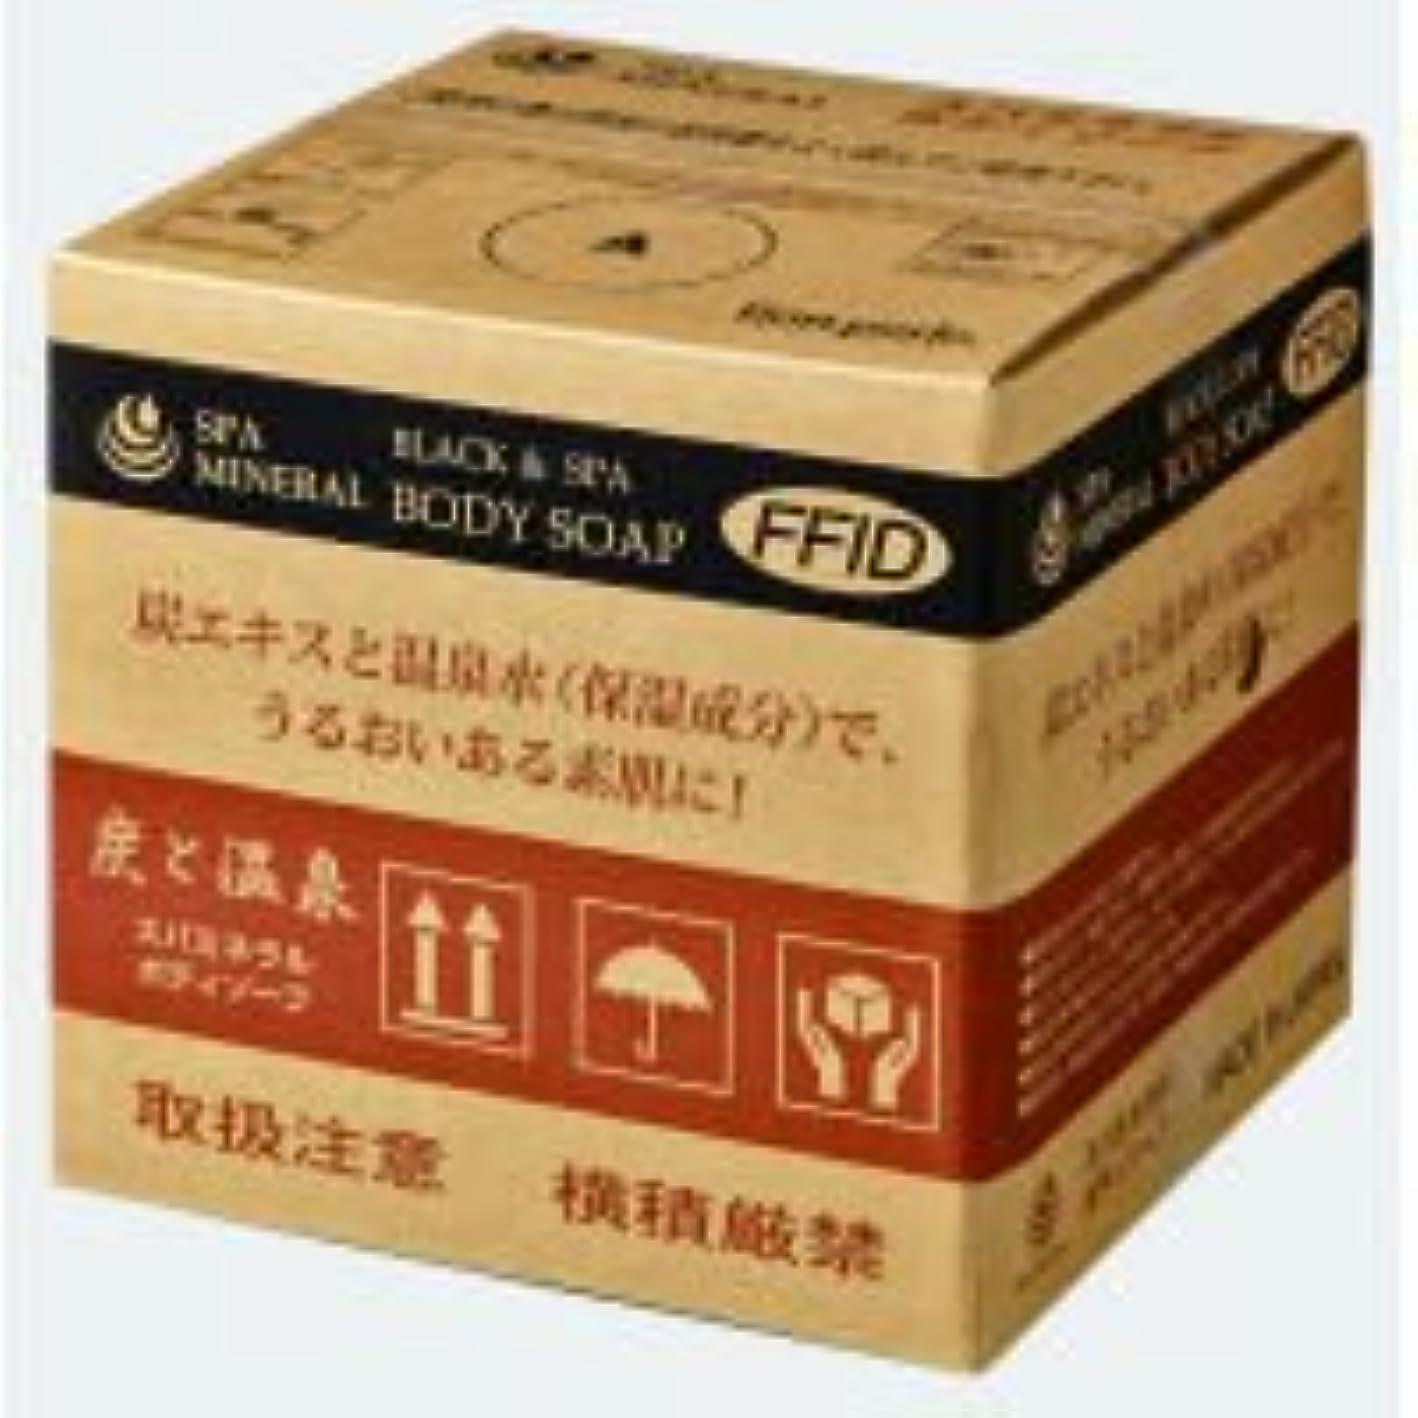 マークダウンキロメートルロイヤリティスパミネラル 炭ボディソープ 20kg 詰替用